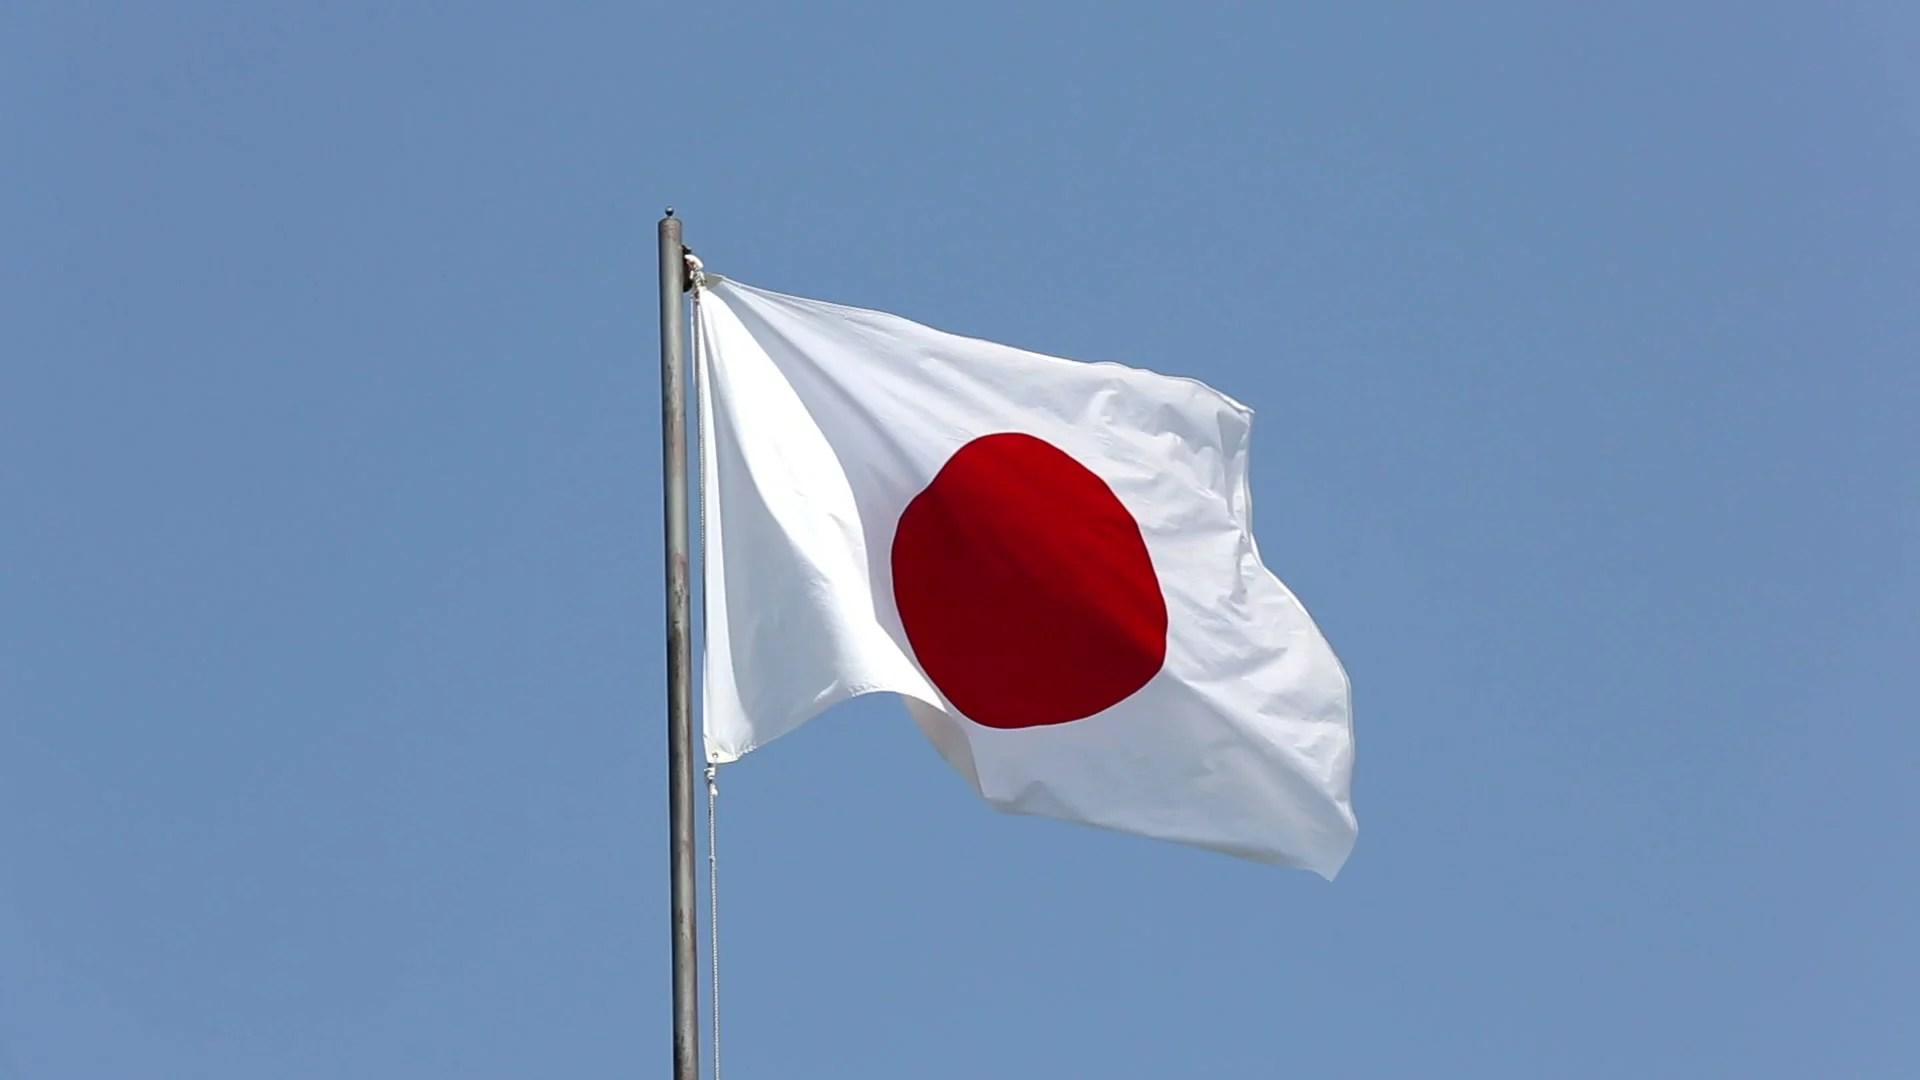 30 grandes compañías de Japón probarán el yen digital en 2021